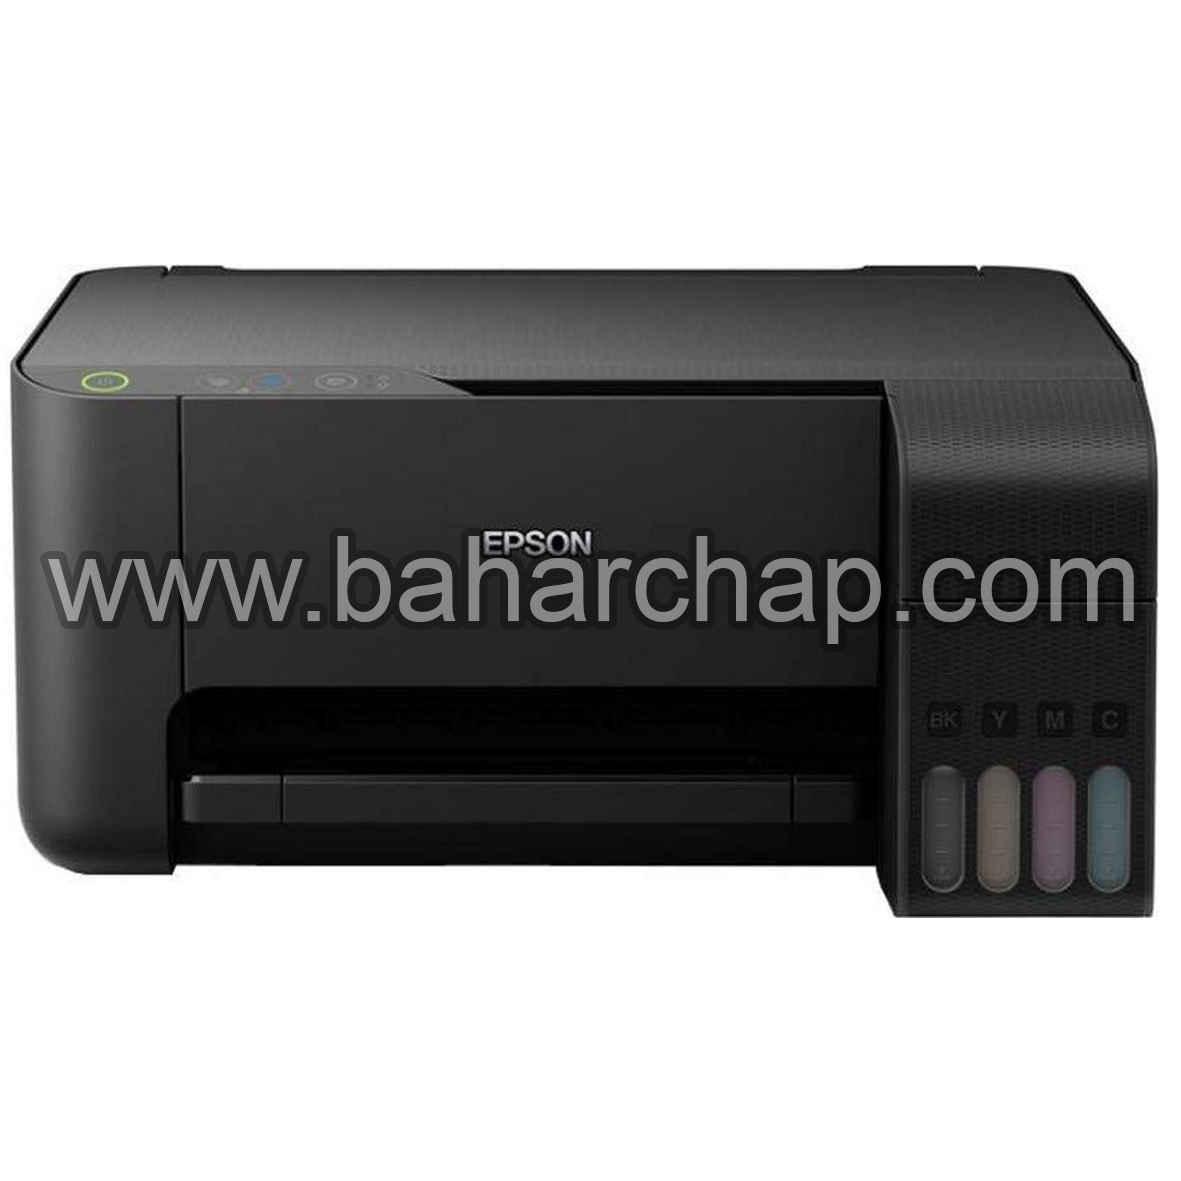 فروشگاه و خدمات اینترنتی بهارچاپ اصفهان-نرم افزار ریست پرینتر اپسون L3110-Epson Adjustment program L3110